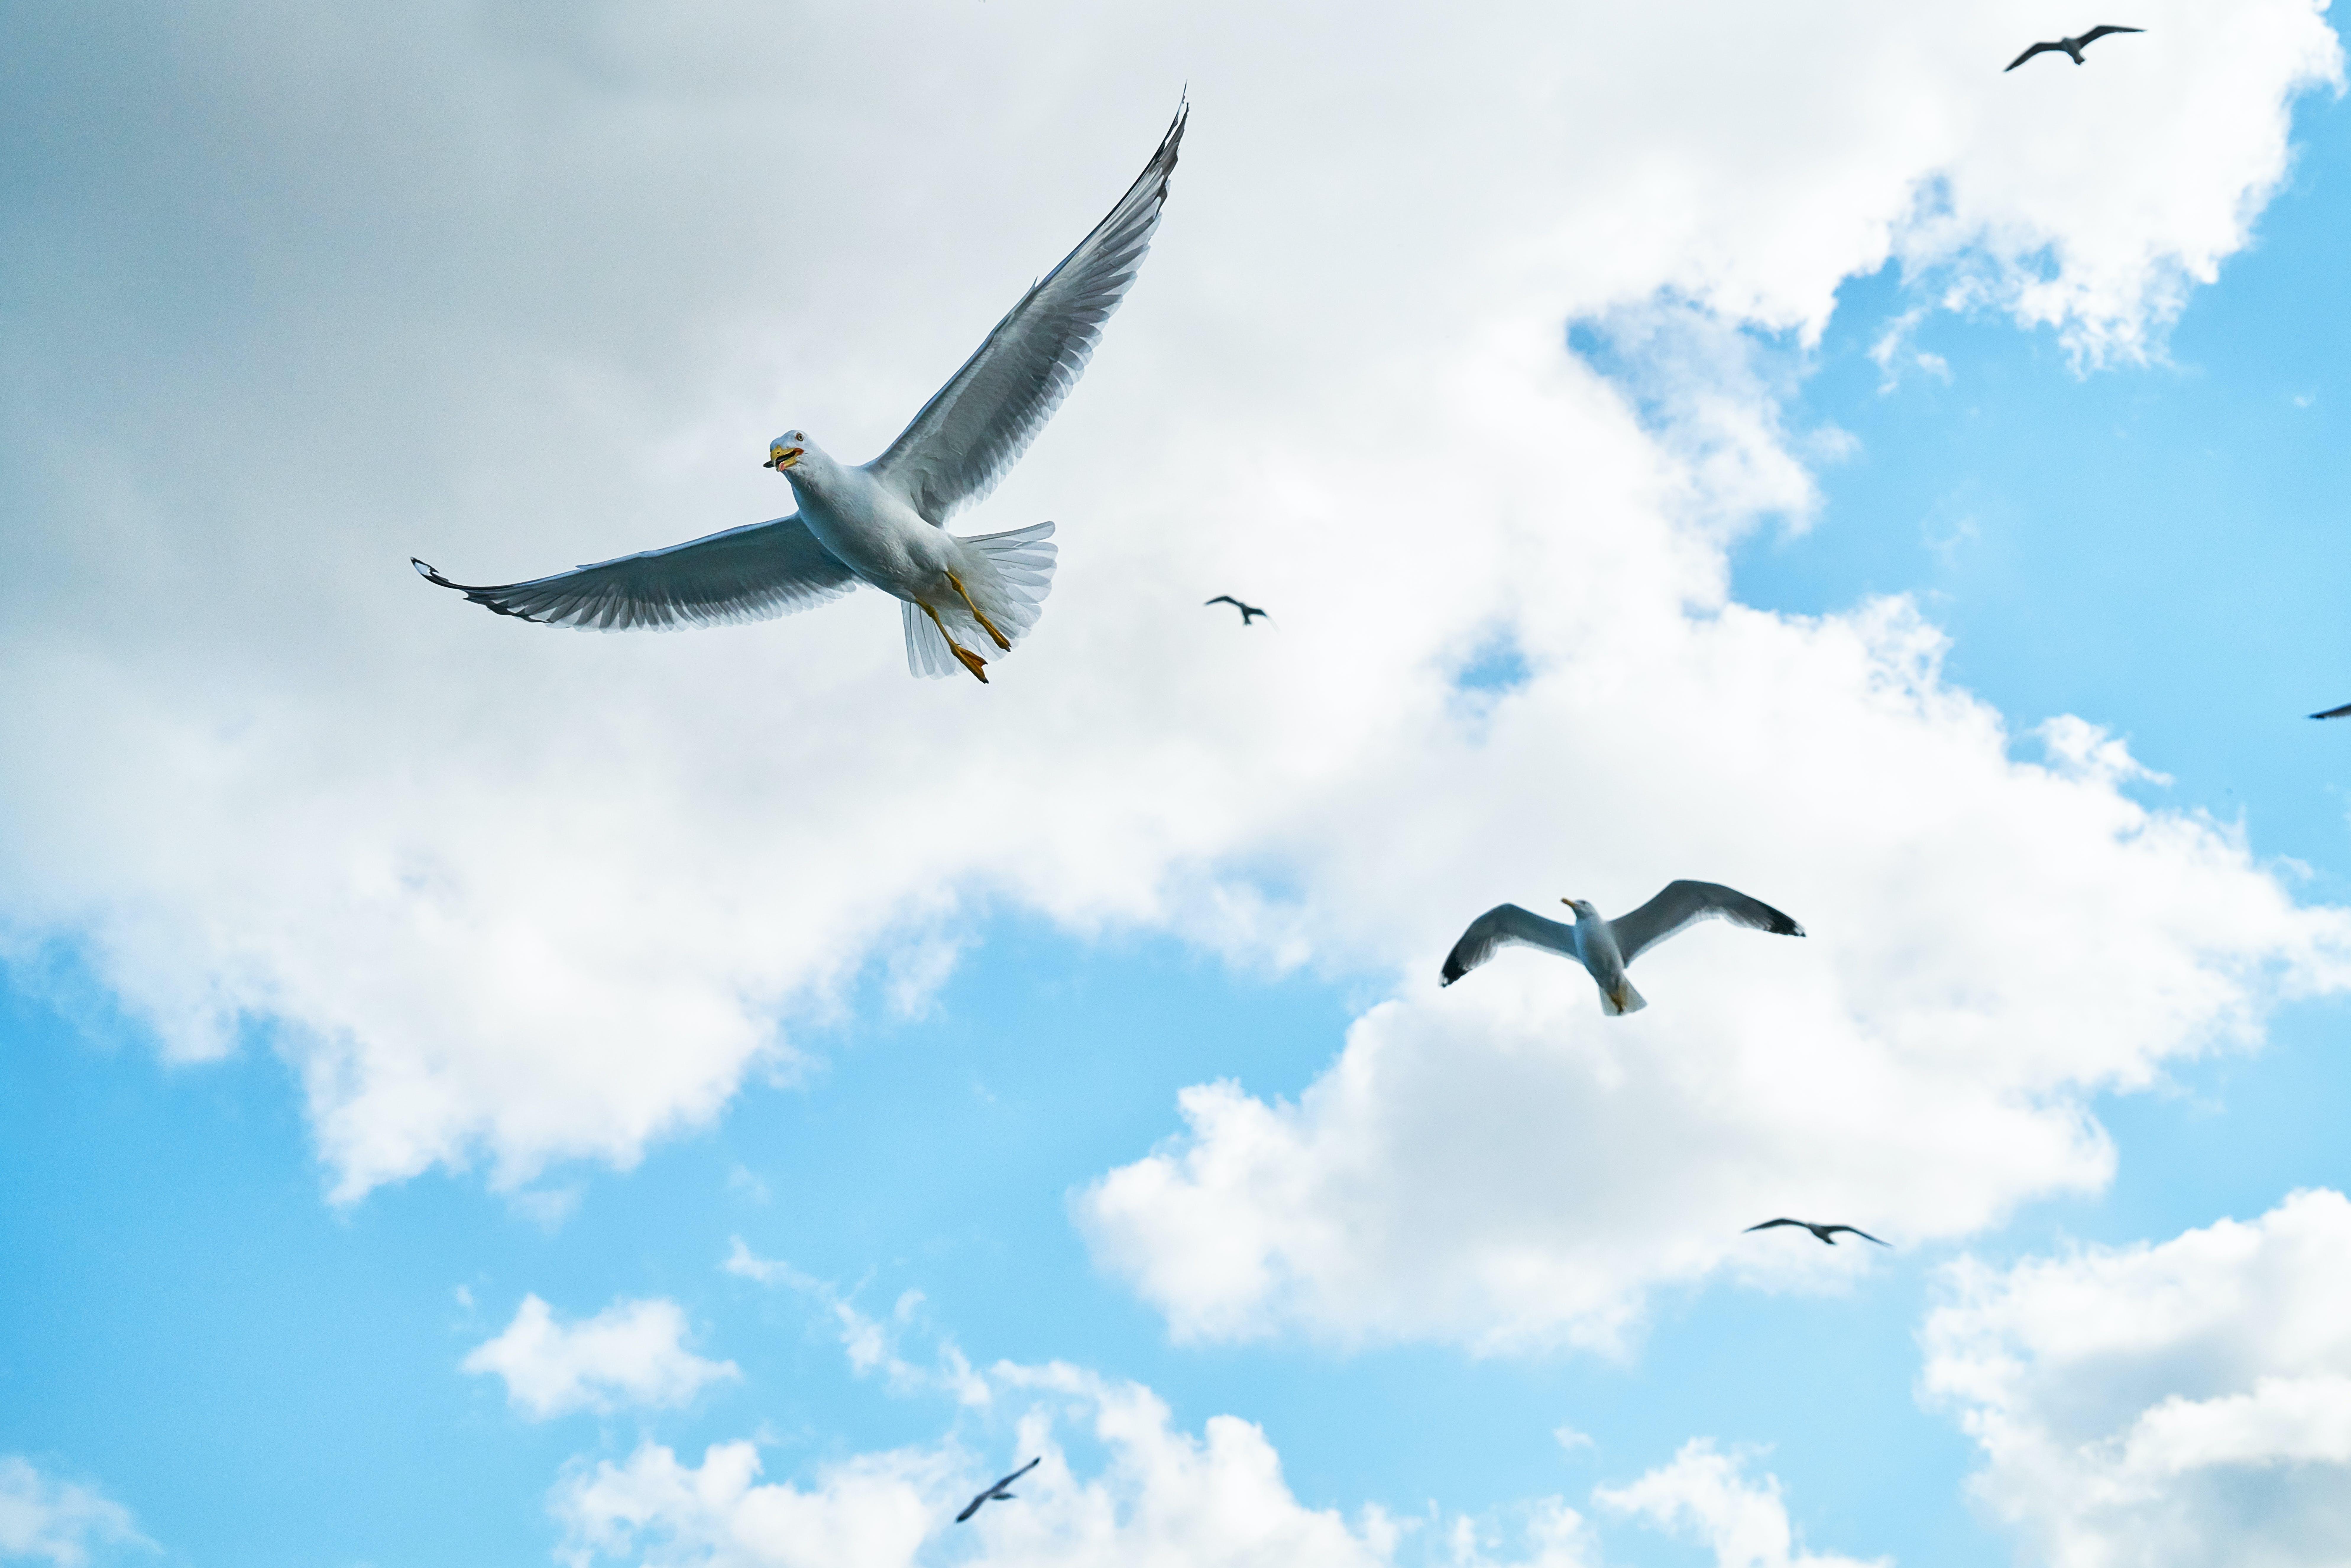 きらきら, カモメ, 動物, 羽毛の無料の写真素材